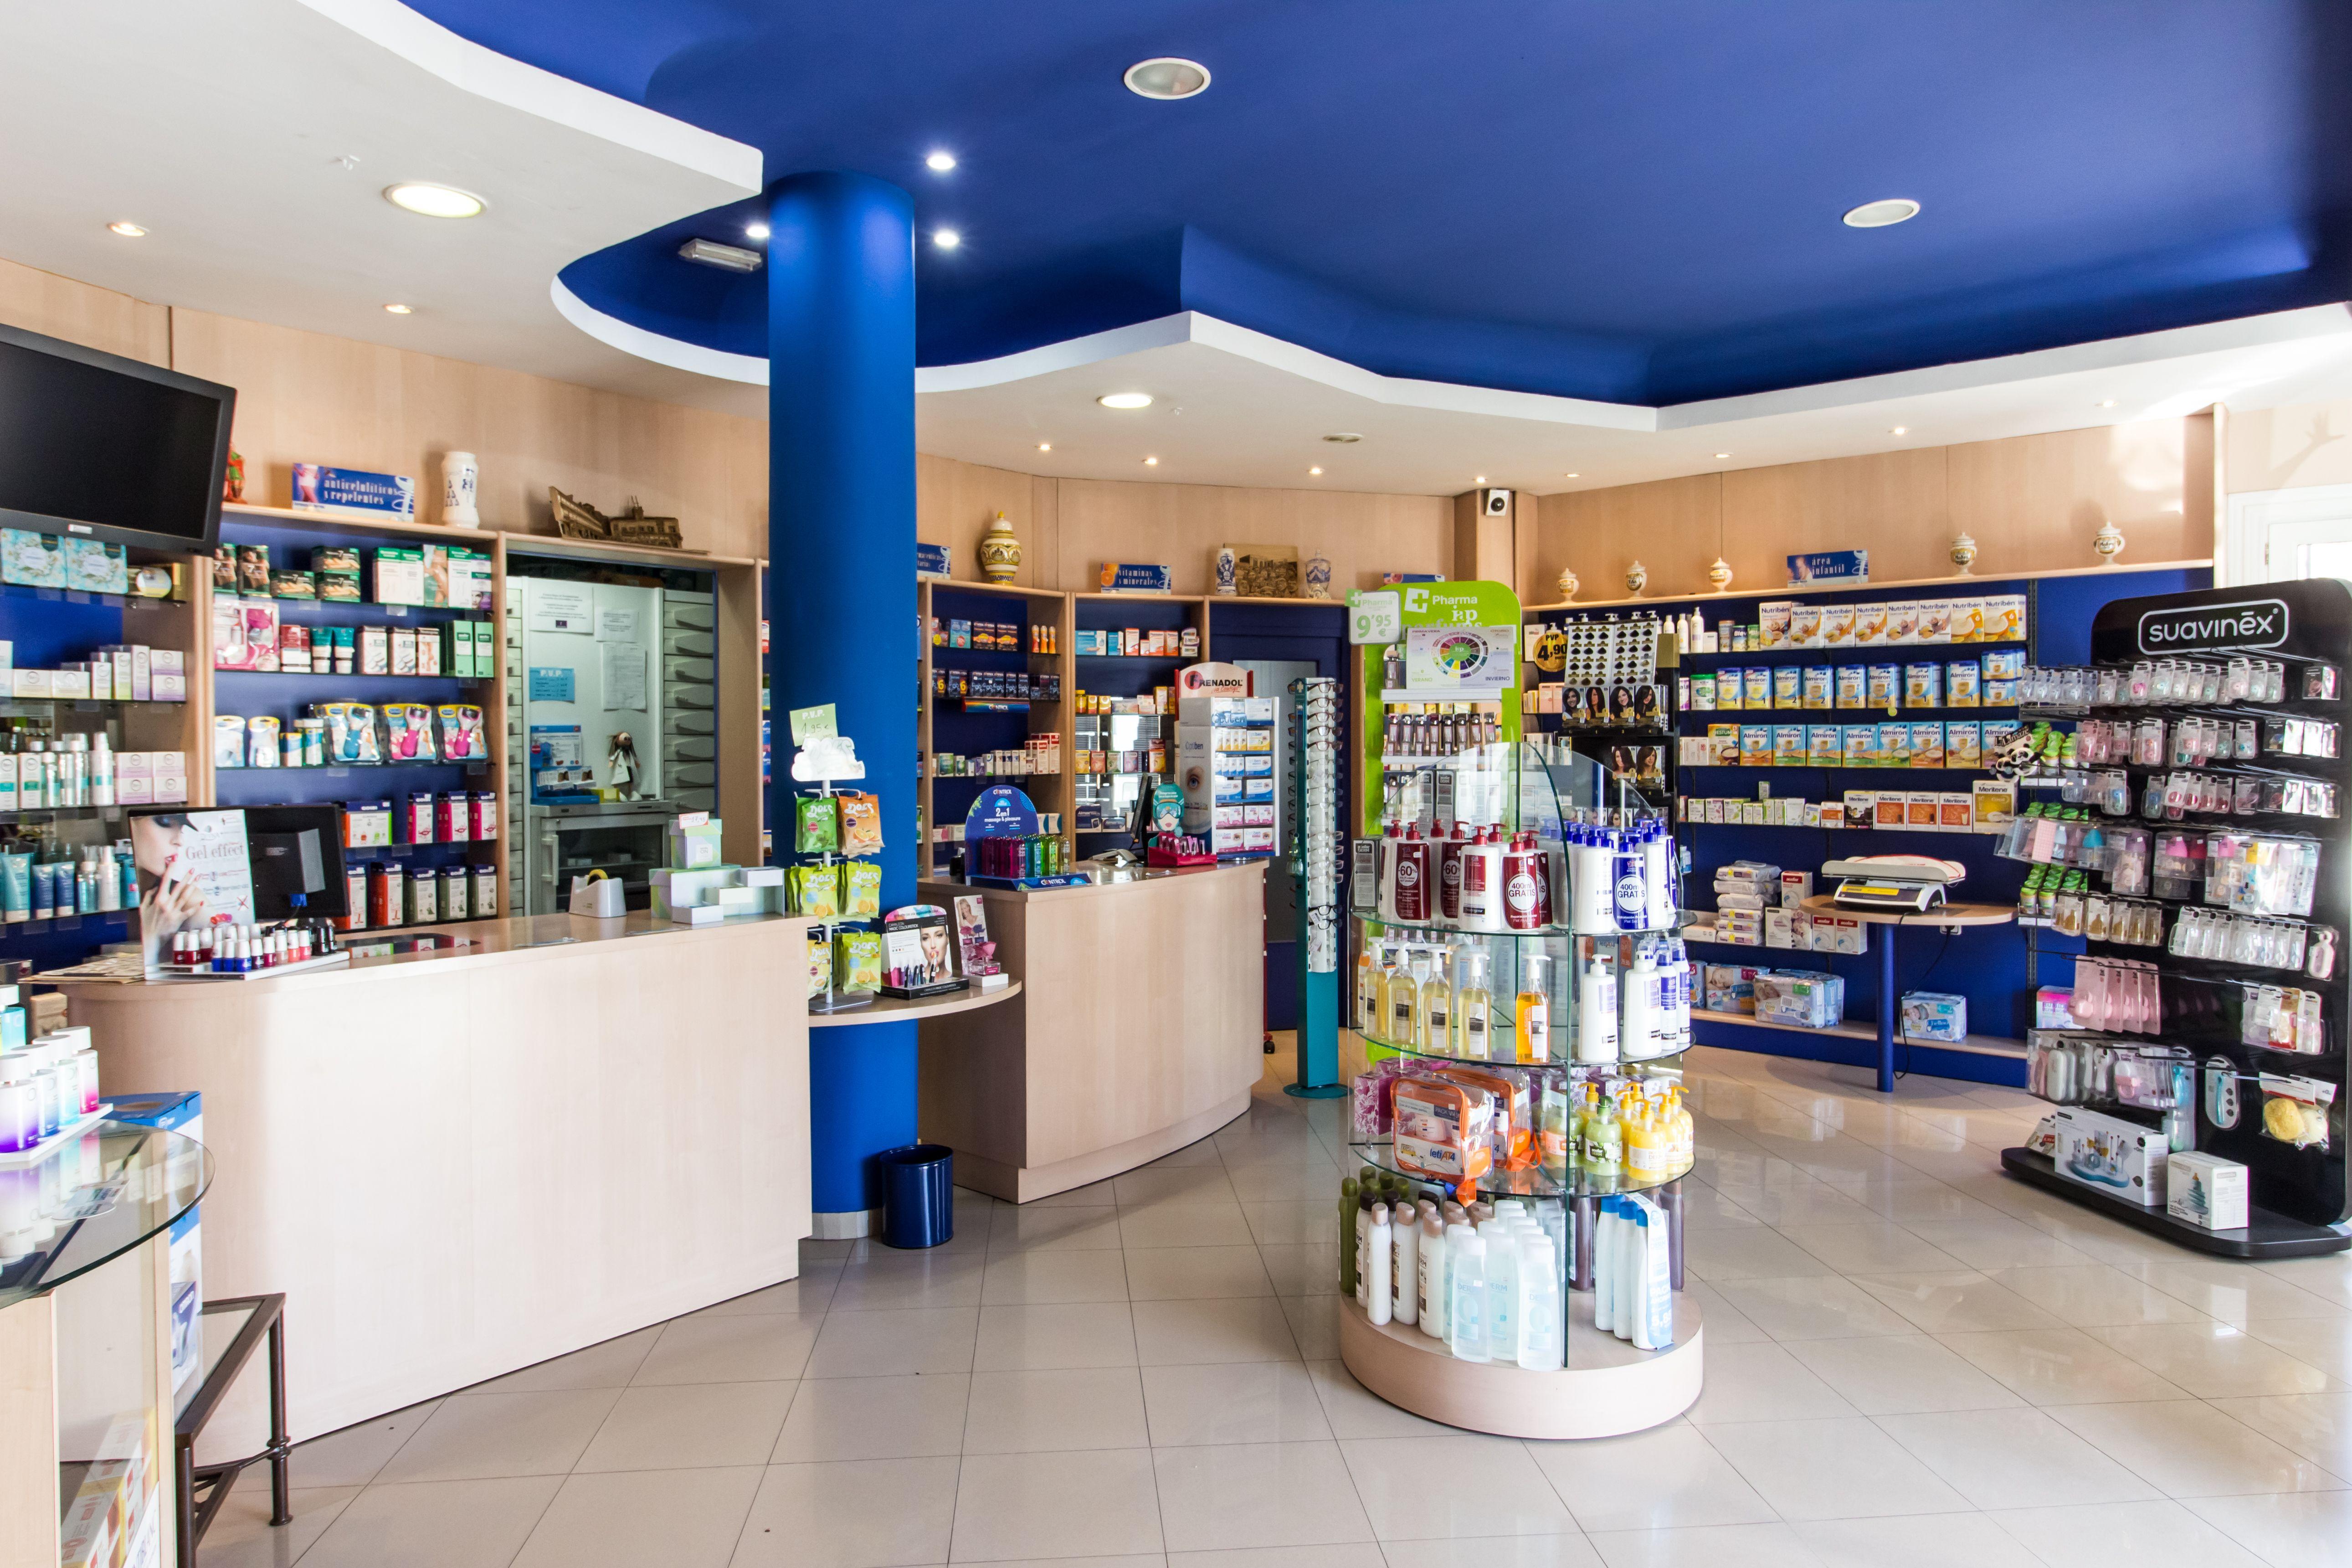 Foto 1 de Farmacia en Ciudad Real en Almagro | Farmacia Carmen Hervás Laguna